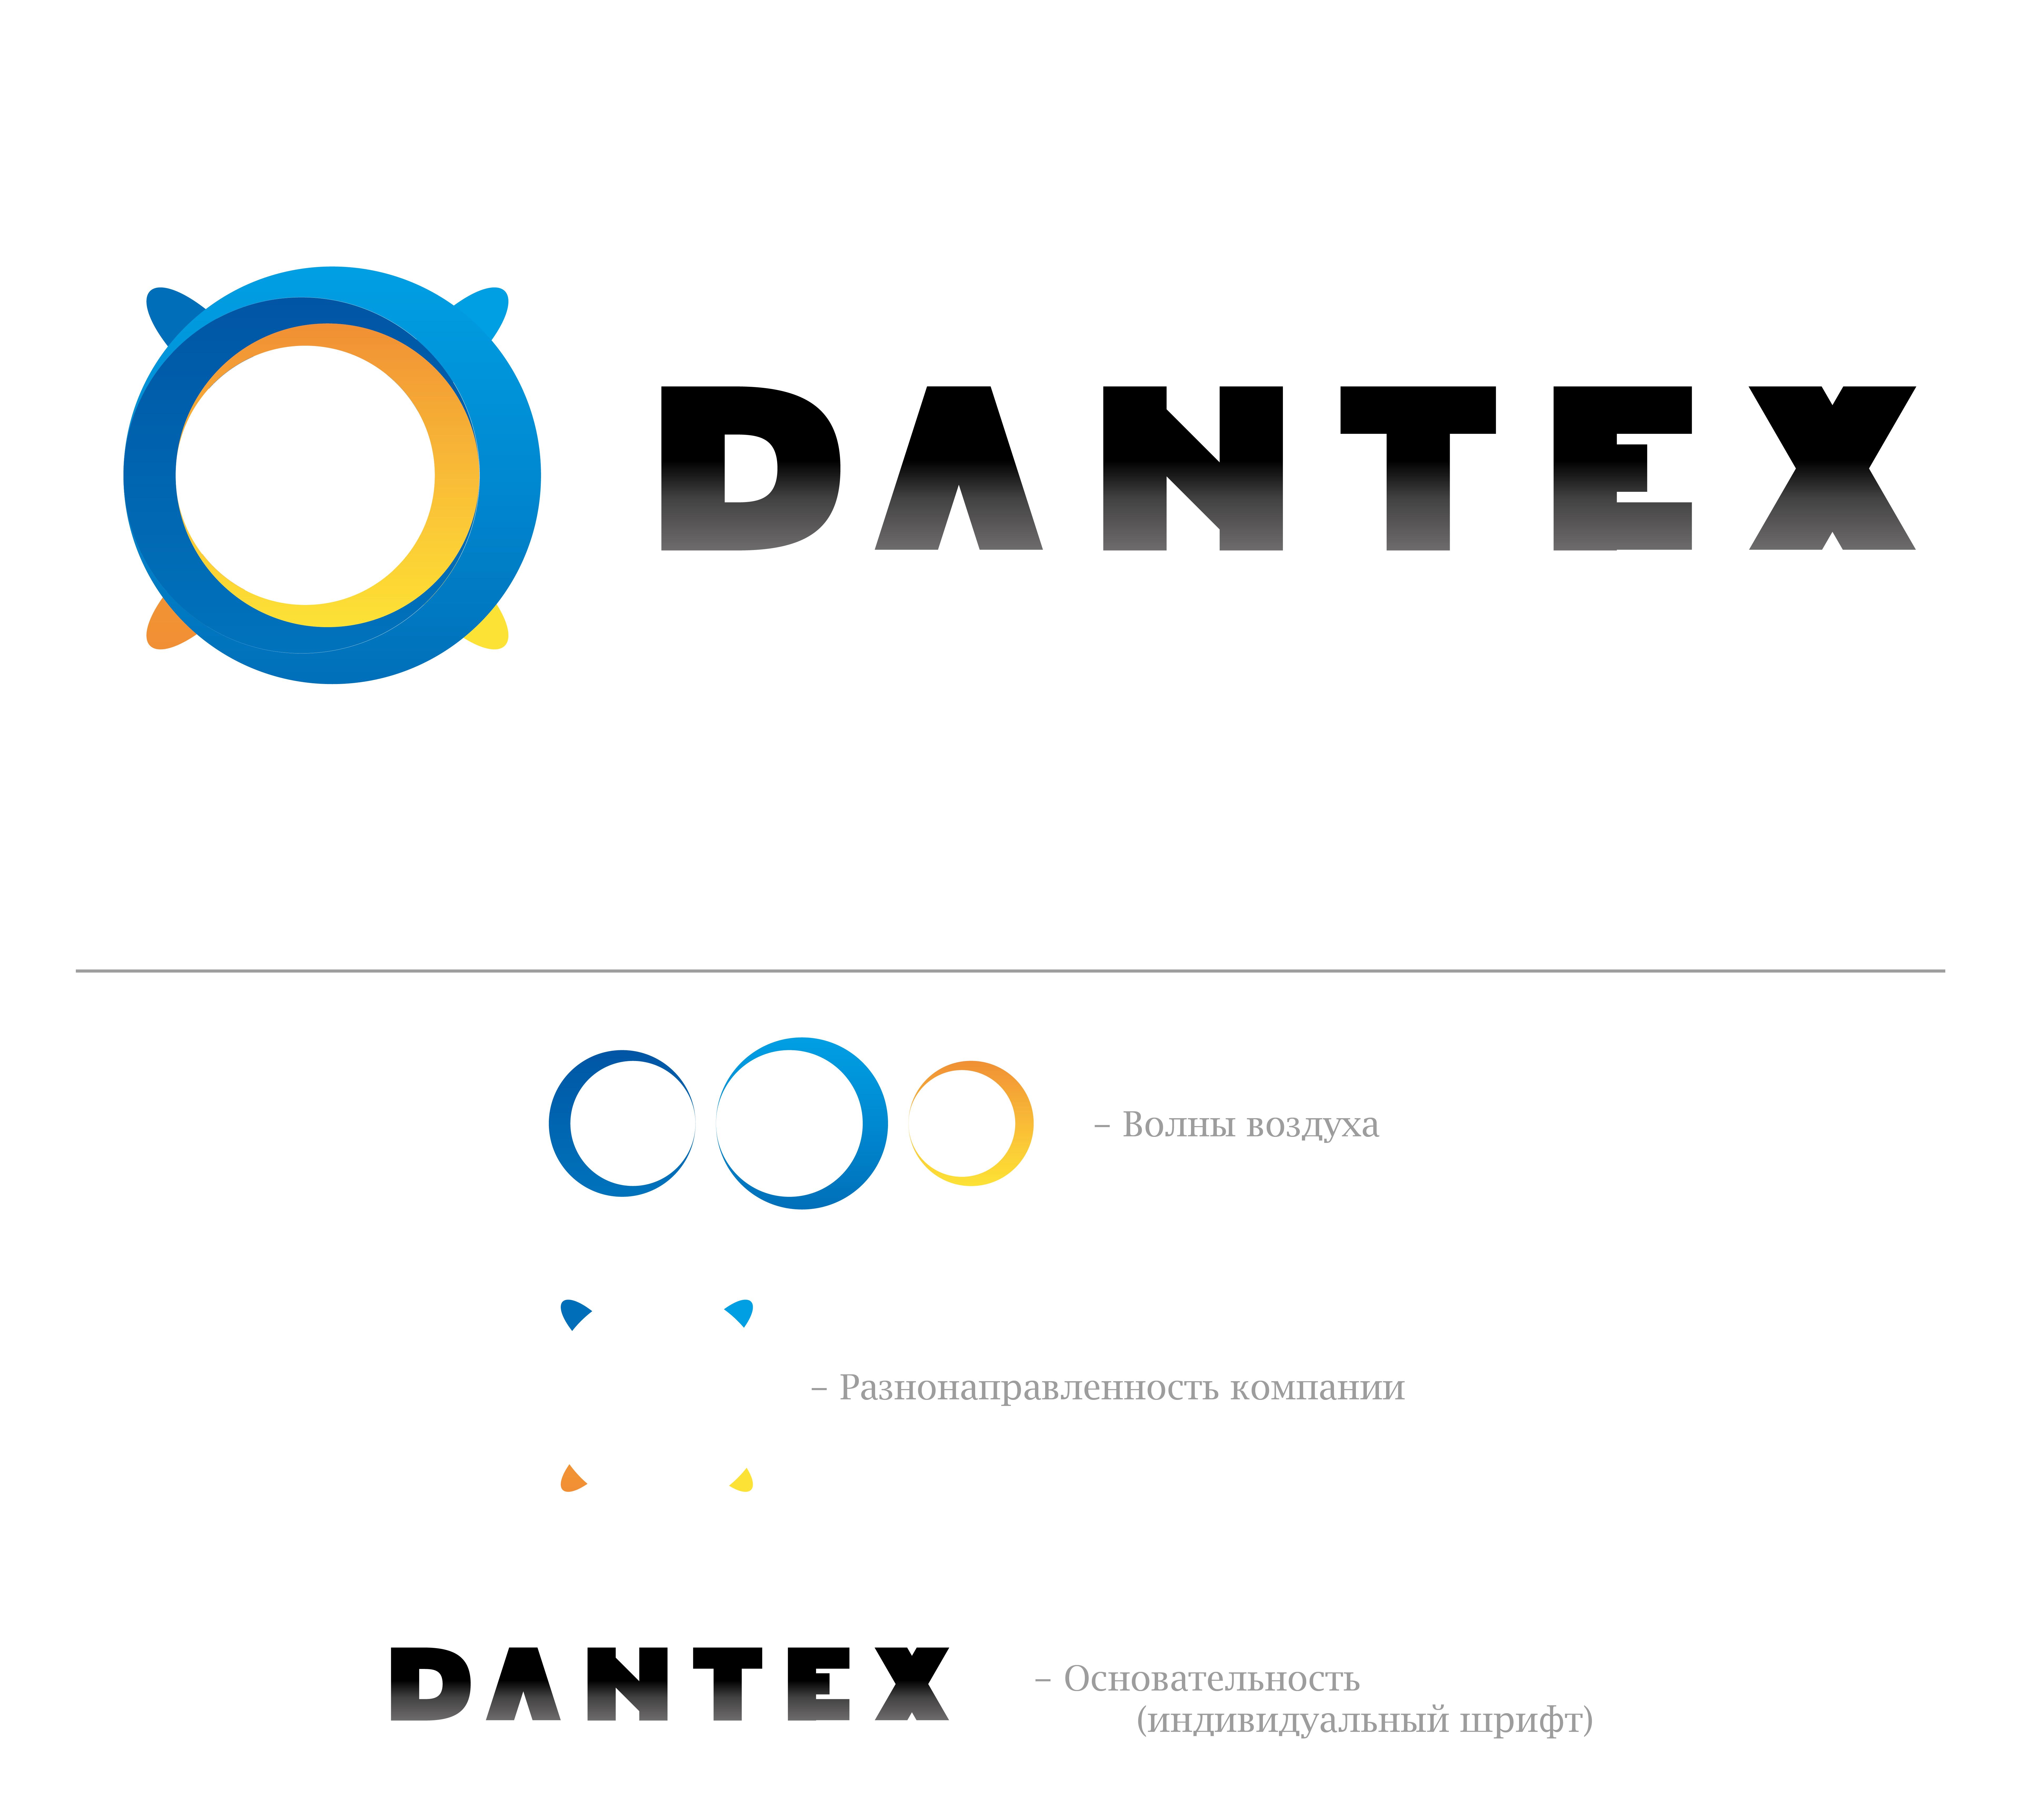 Конкурс на разработку логотипа для компании Dantex Group  фото f_1455c010084b1b41.jpg